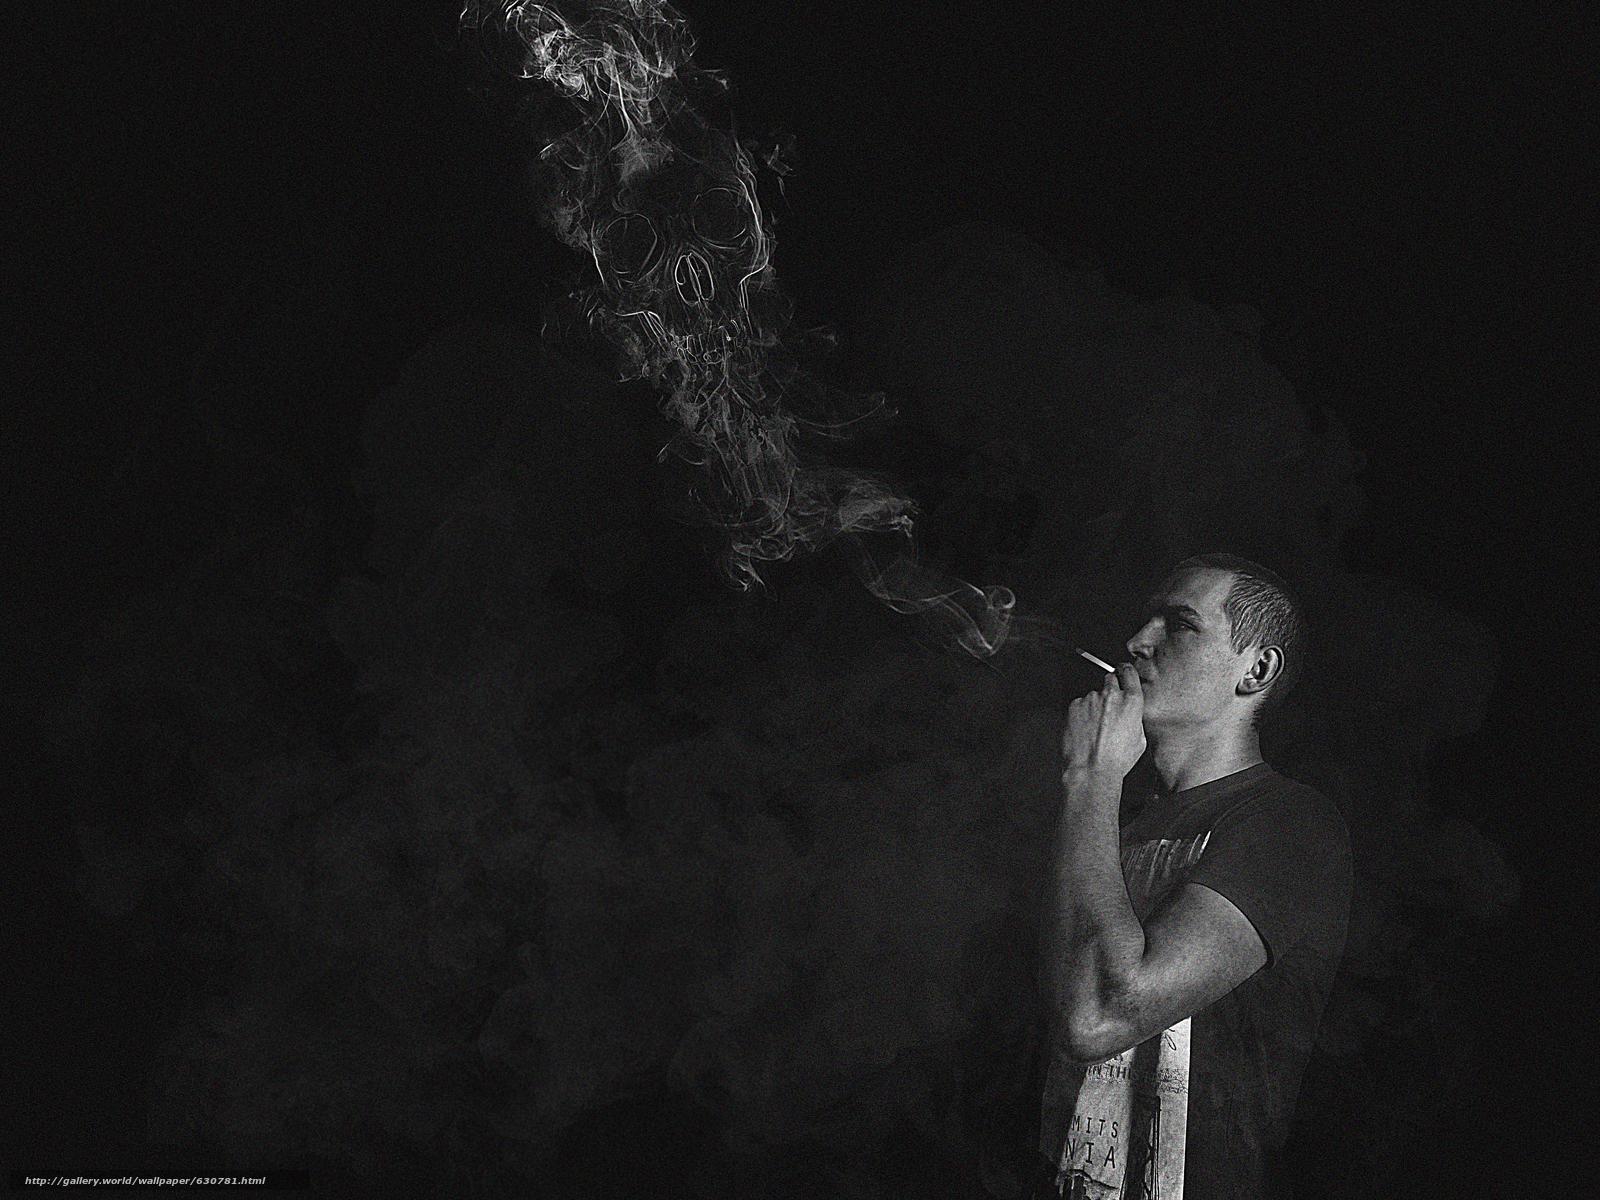 Скачать обои Сигареты,  Дым,  Скука,  Парень бесплатно для рабочего стола в разрешении 4000x3000 — картинка №630781